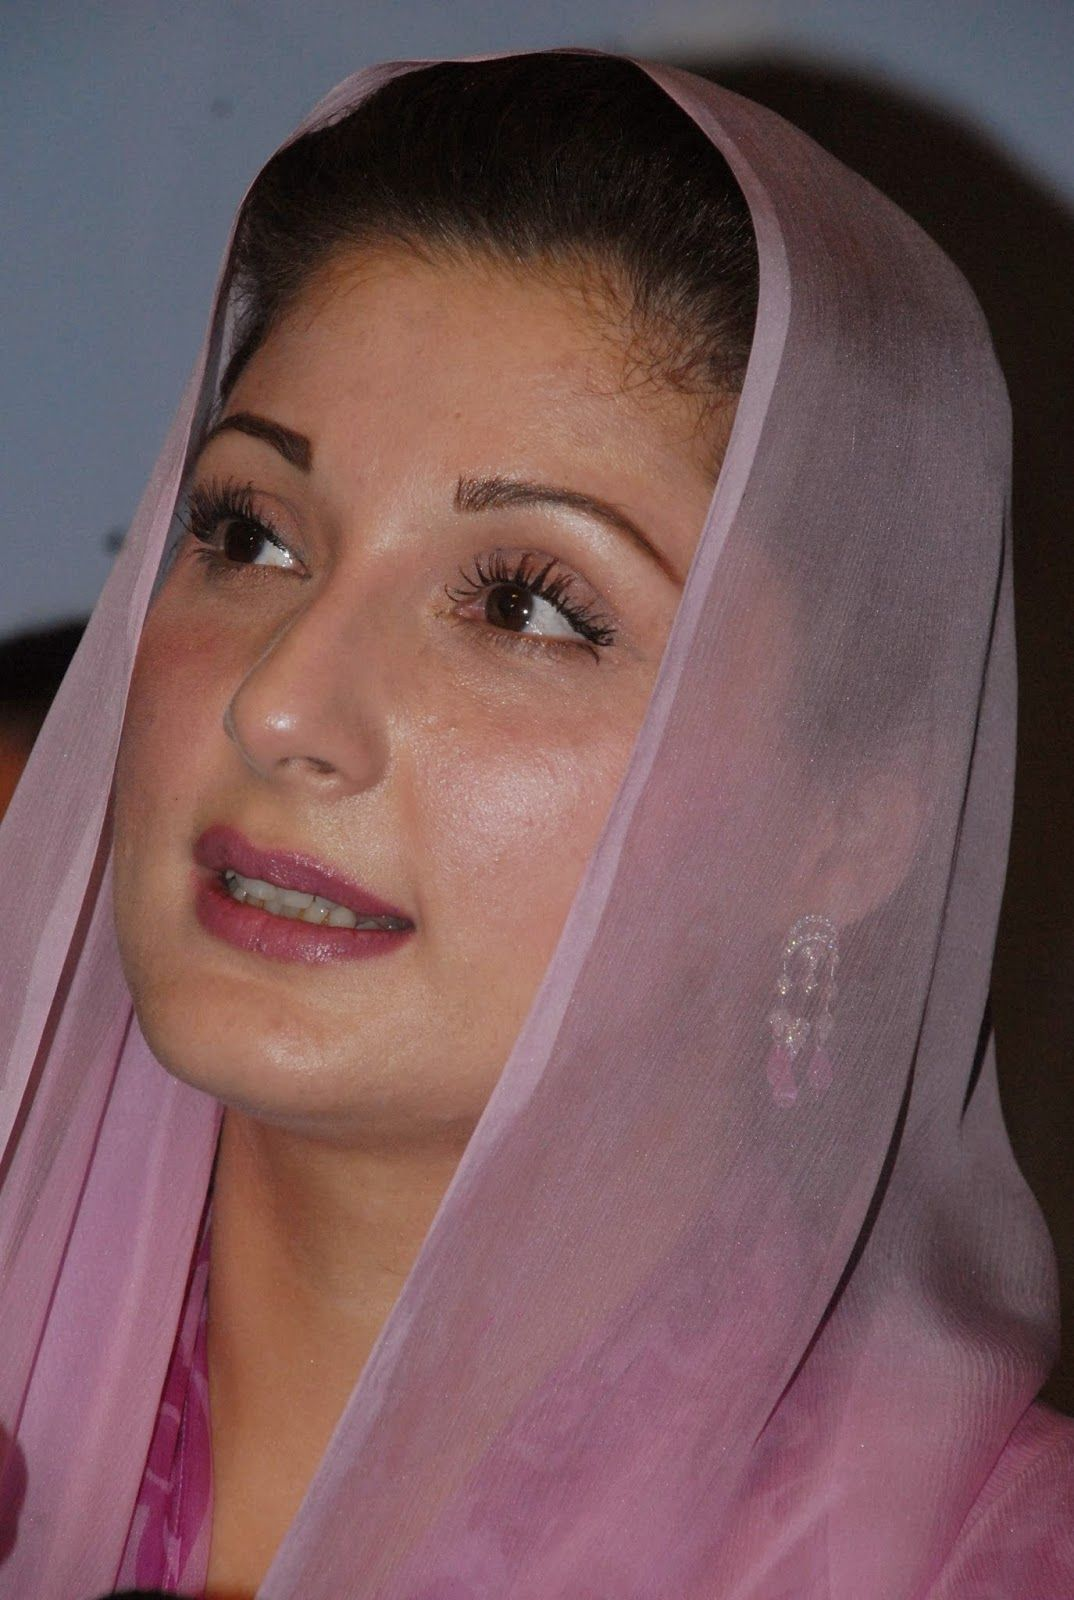 Pakistanaise nu #14